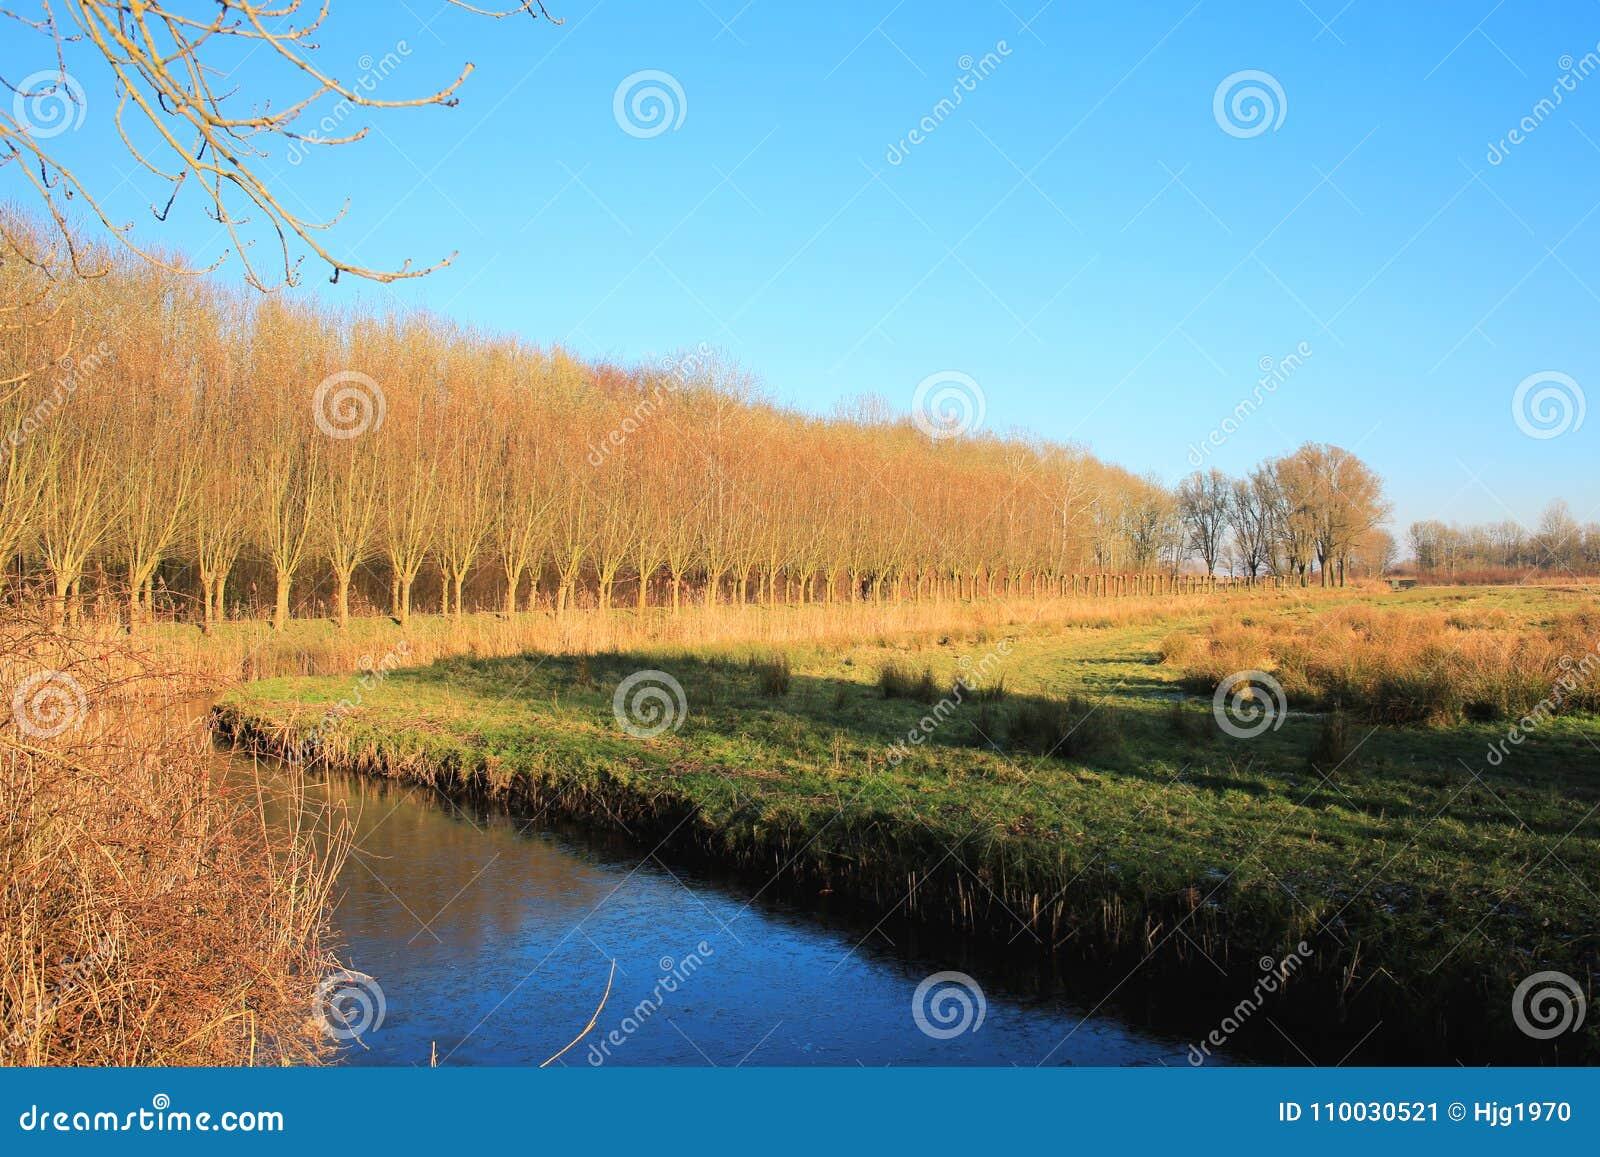 National Park DE Biesbosch in Provincie Zuid-Holland, Nederland, een panorama